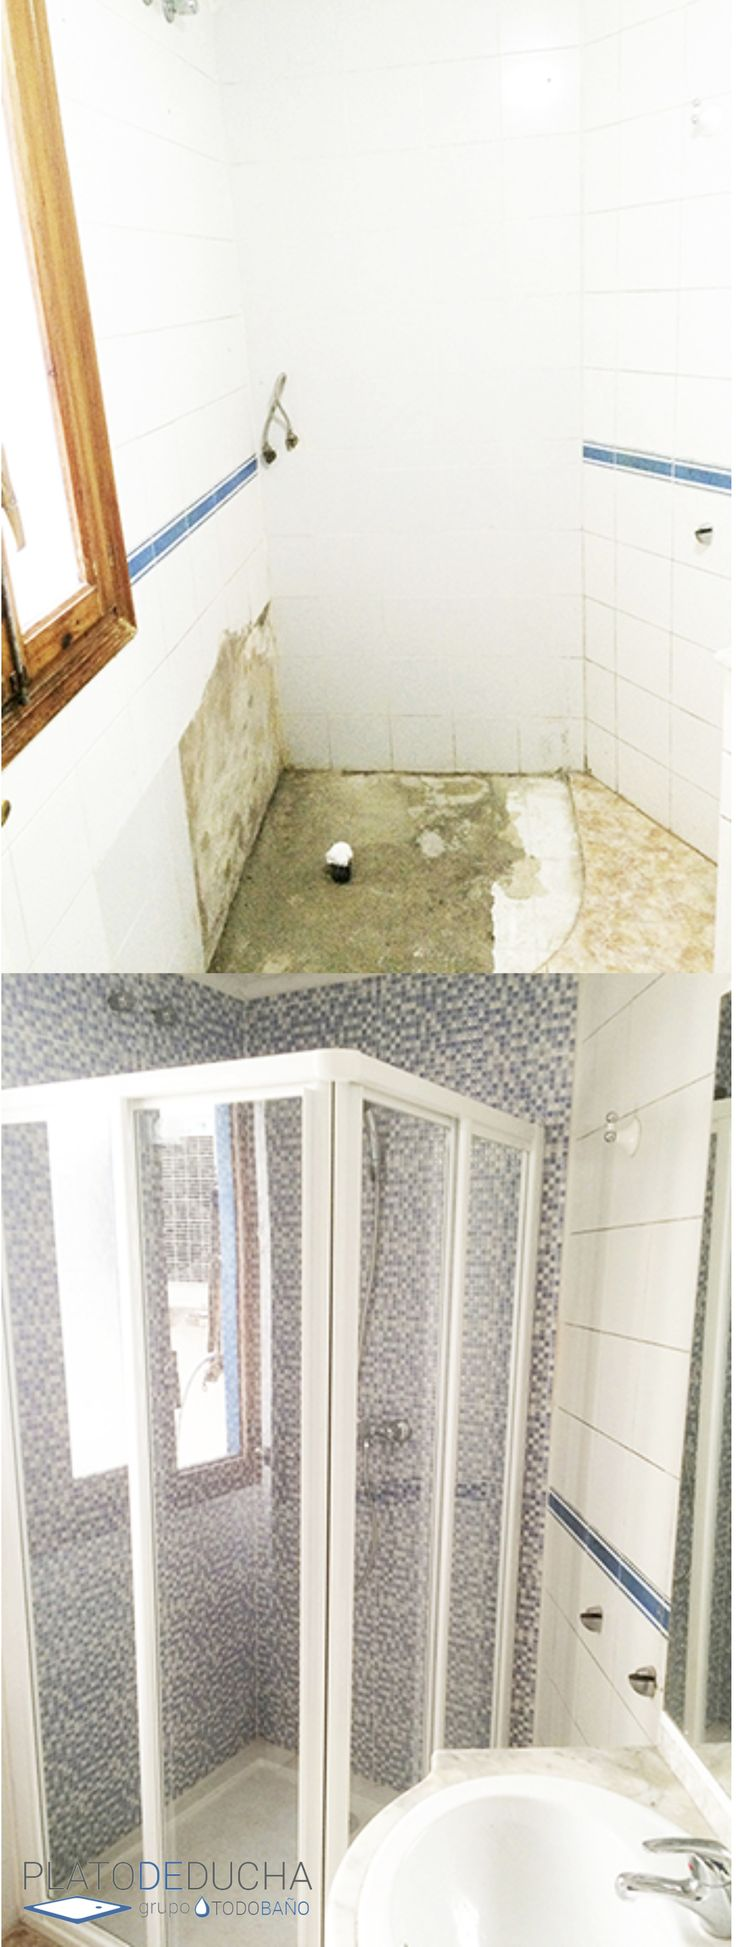 Platos de ducha y mamparas baratos cool a nuestra tienda for Platos de ducha baratos